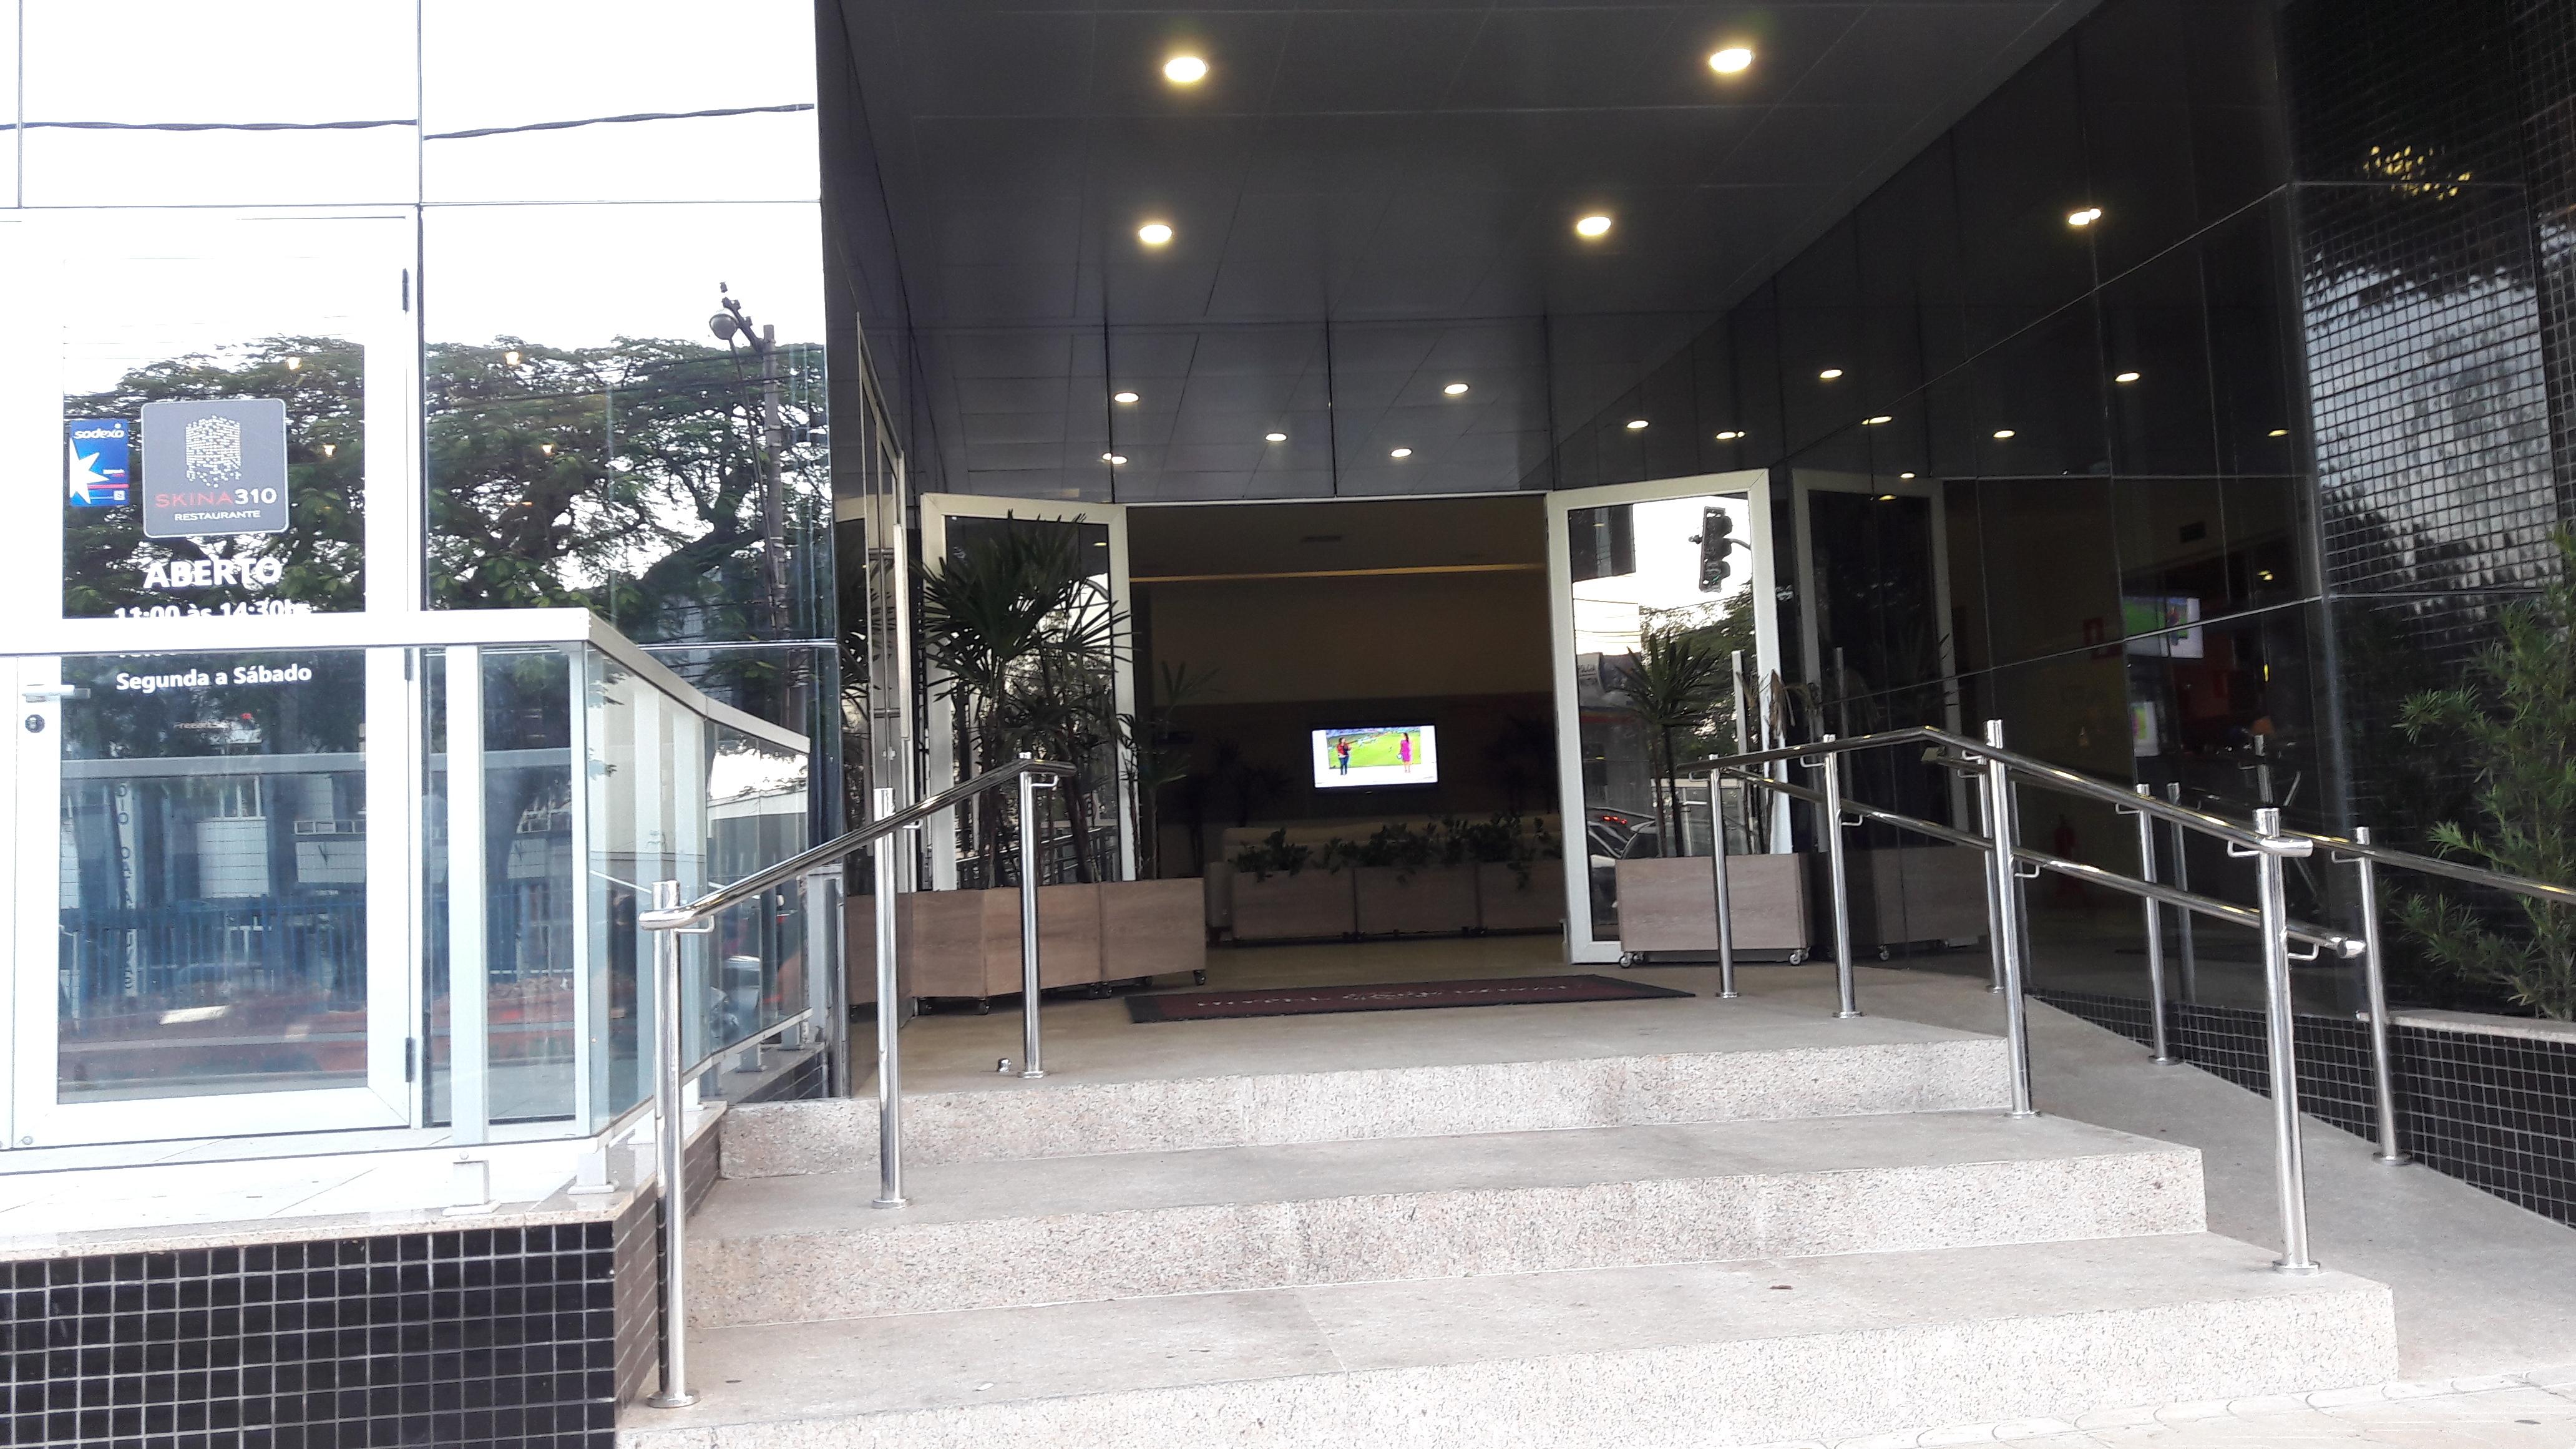 varginha-hotel-cafe-royal-entrance-may17